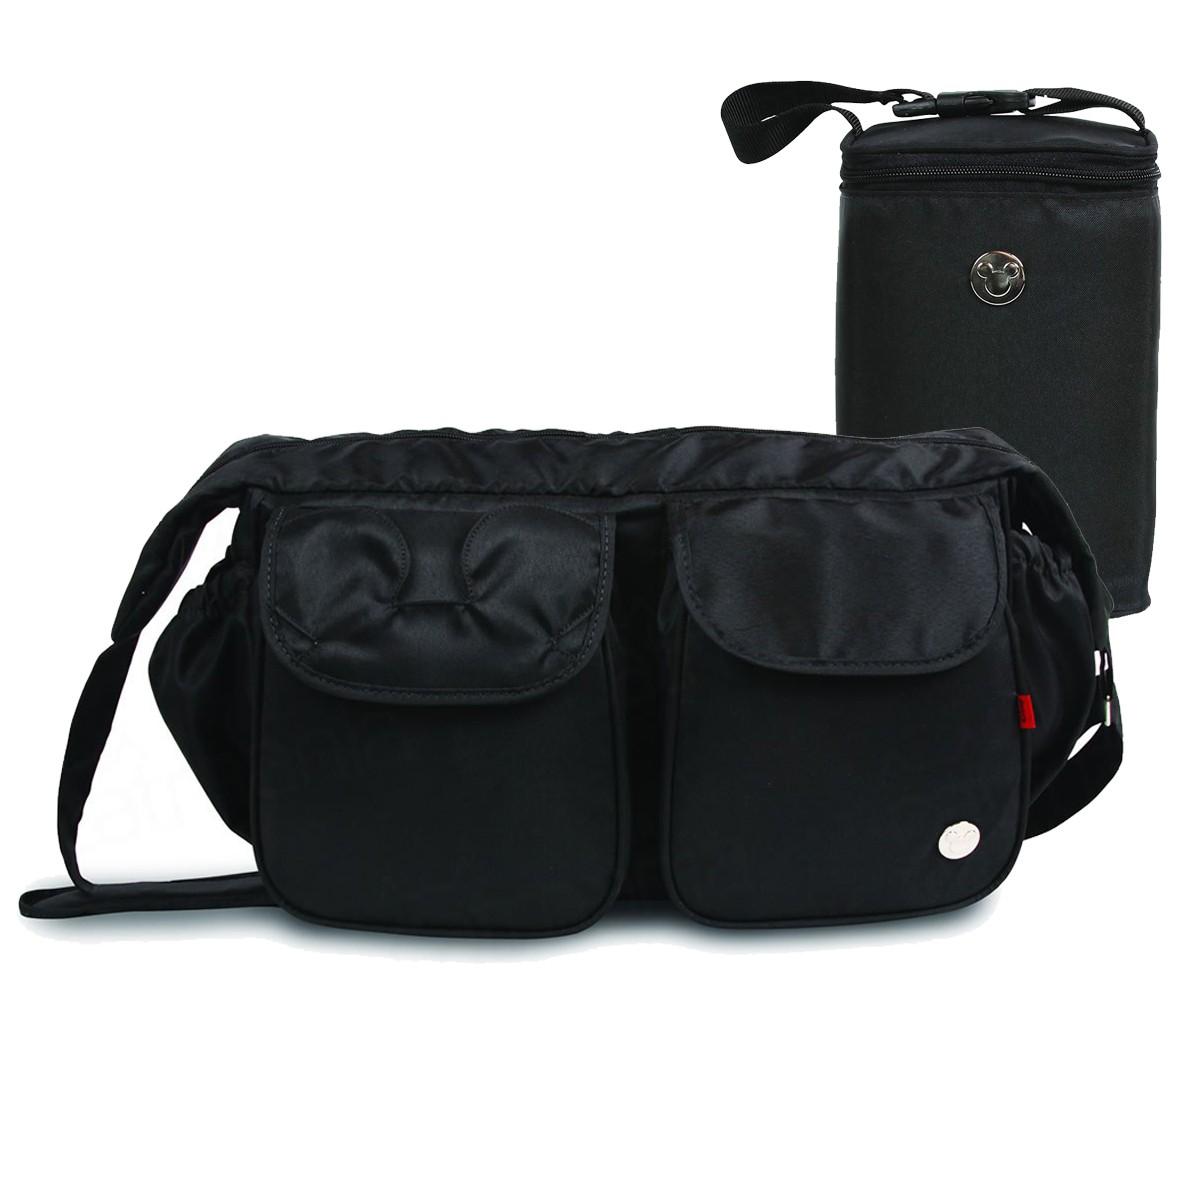 Kit Baby Bag Luxo 1983 + Porta Mamadeira Mickey Mouse Preto C/ Trocador